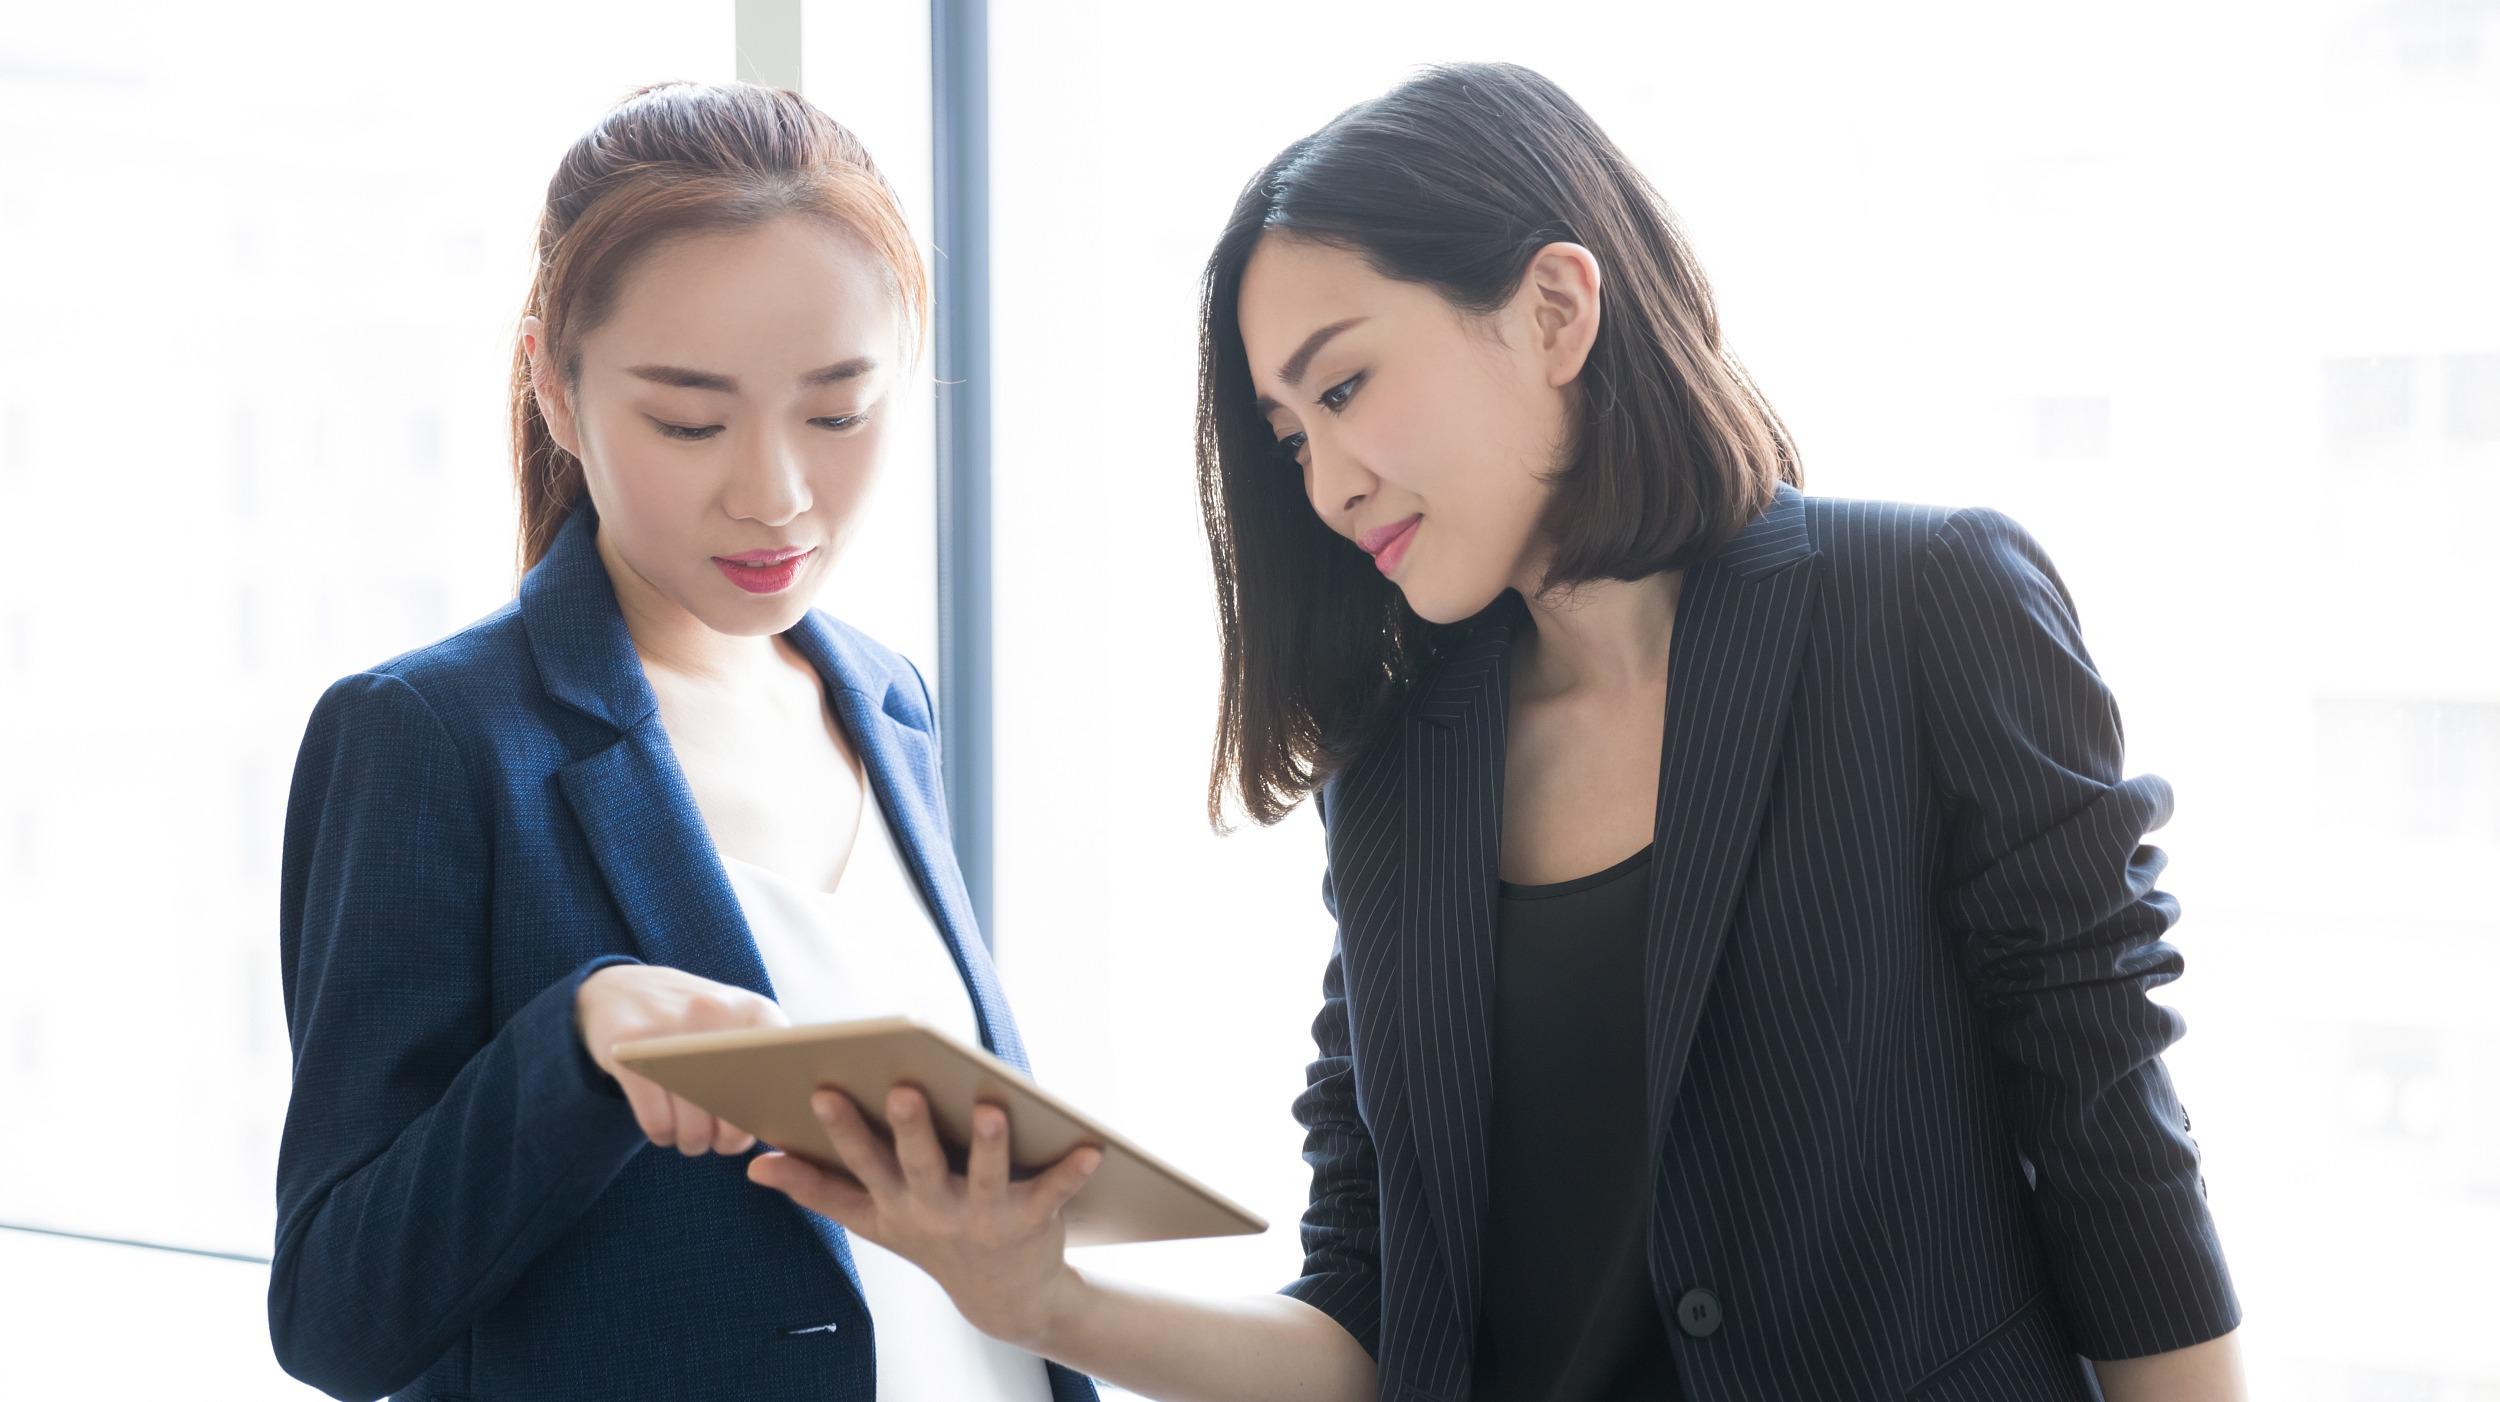 女性更适合长期投资